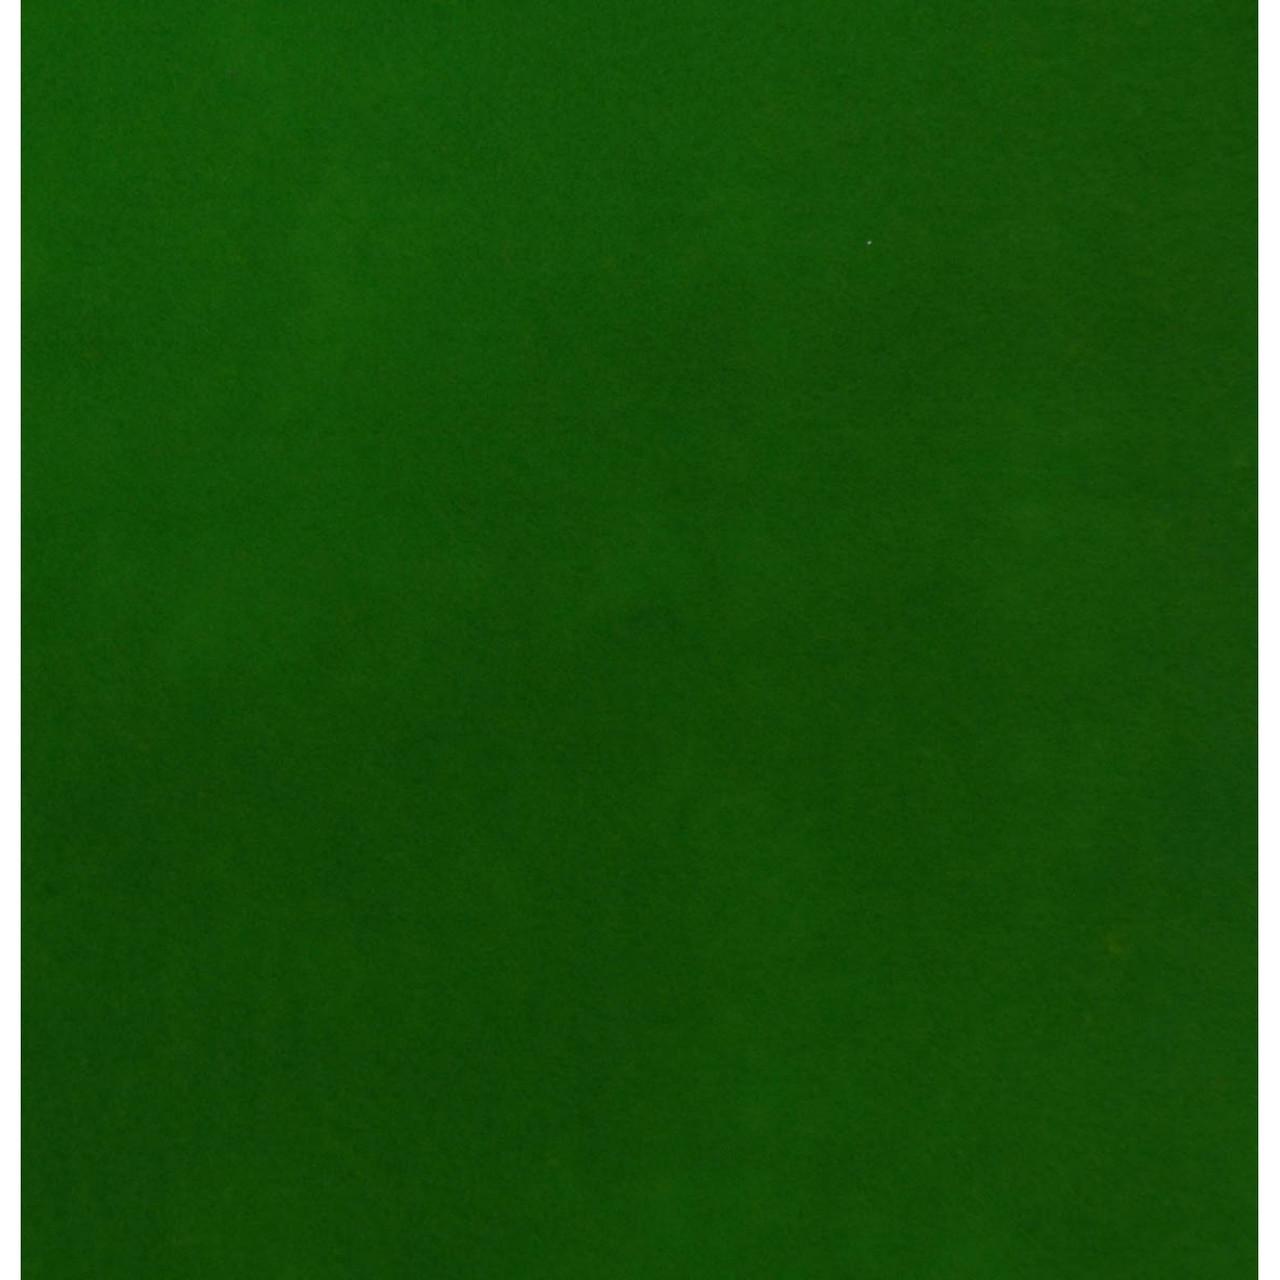 Набір фетр  м'який ,світло зелений, 21*30см (10 л.) Santi